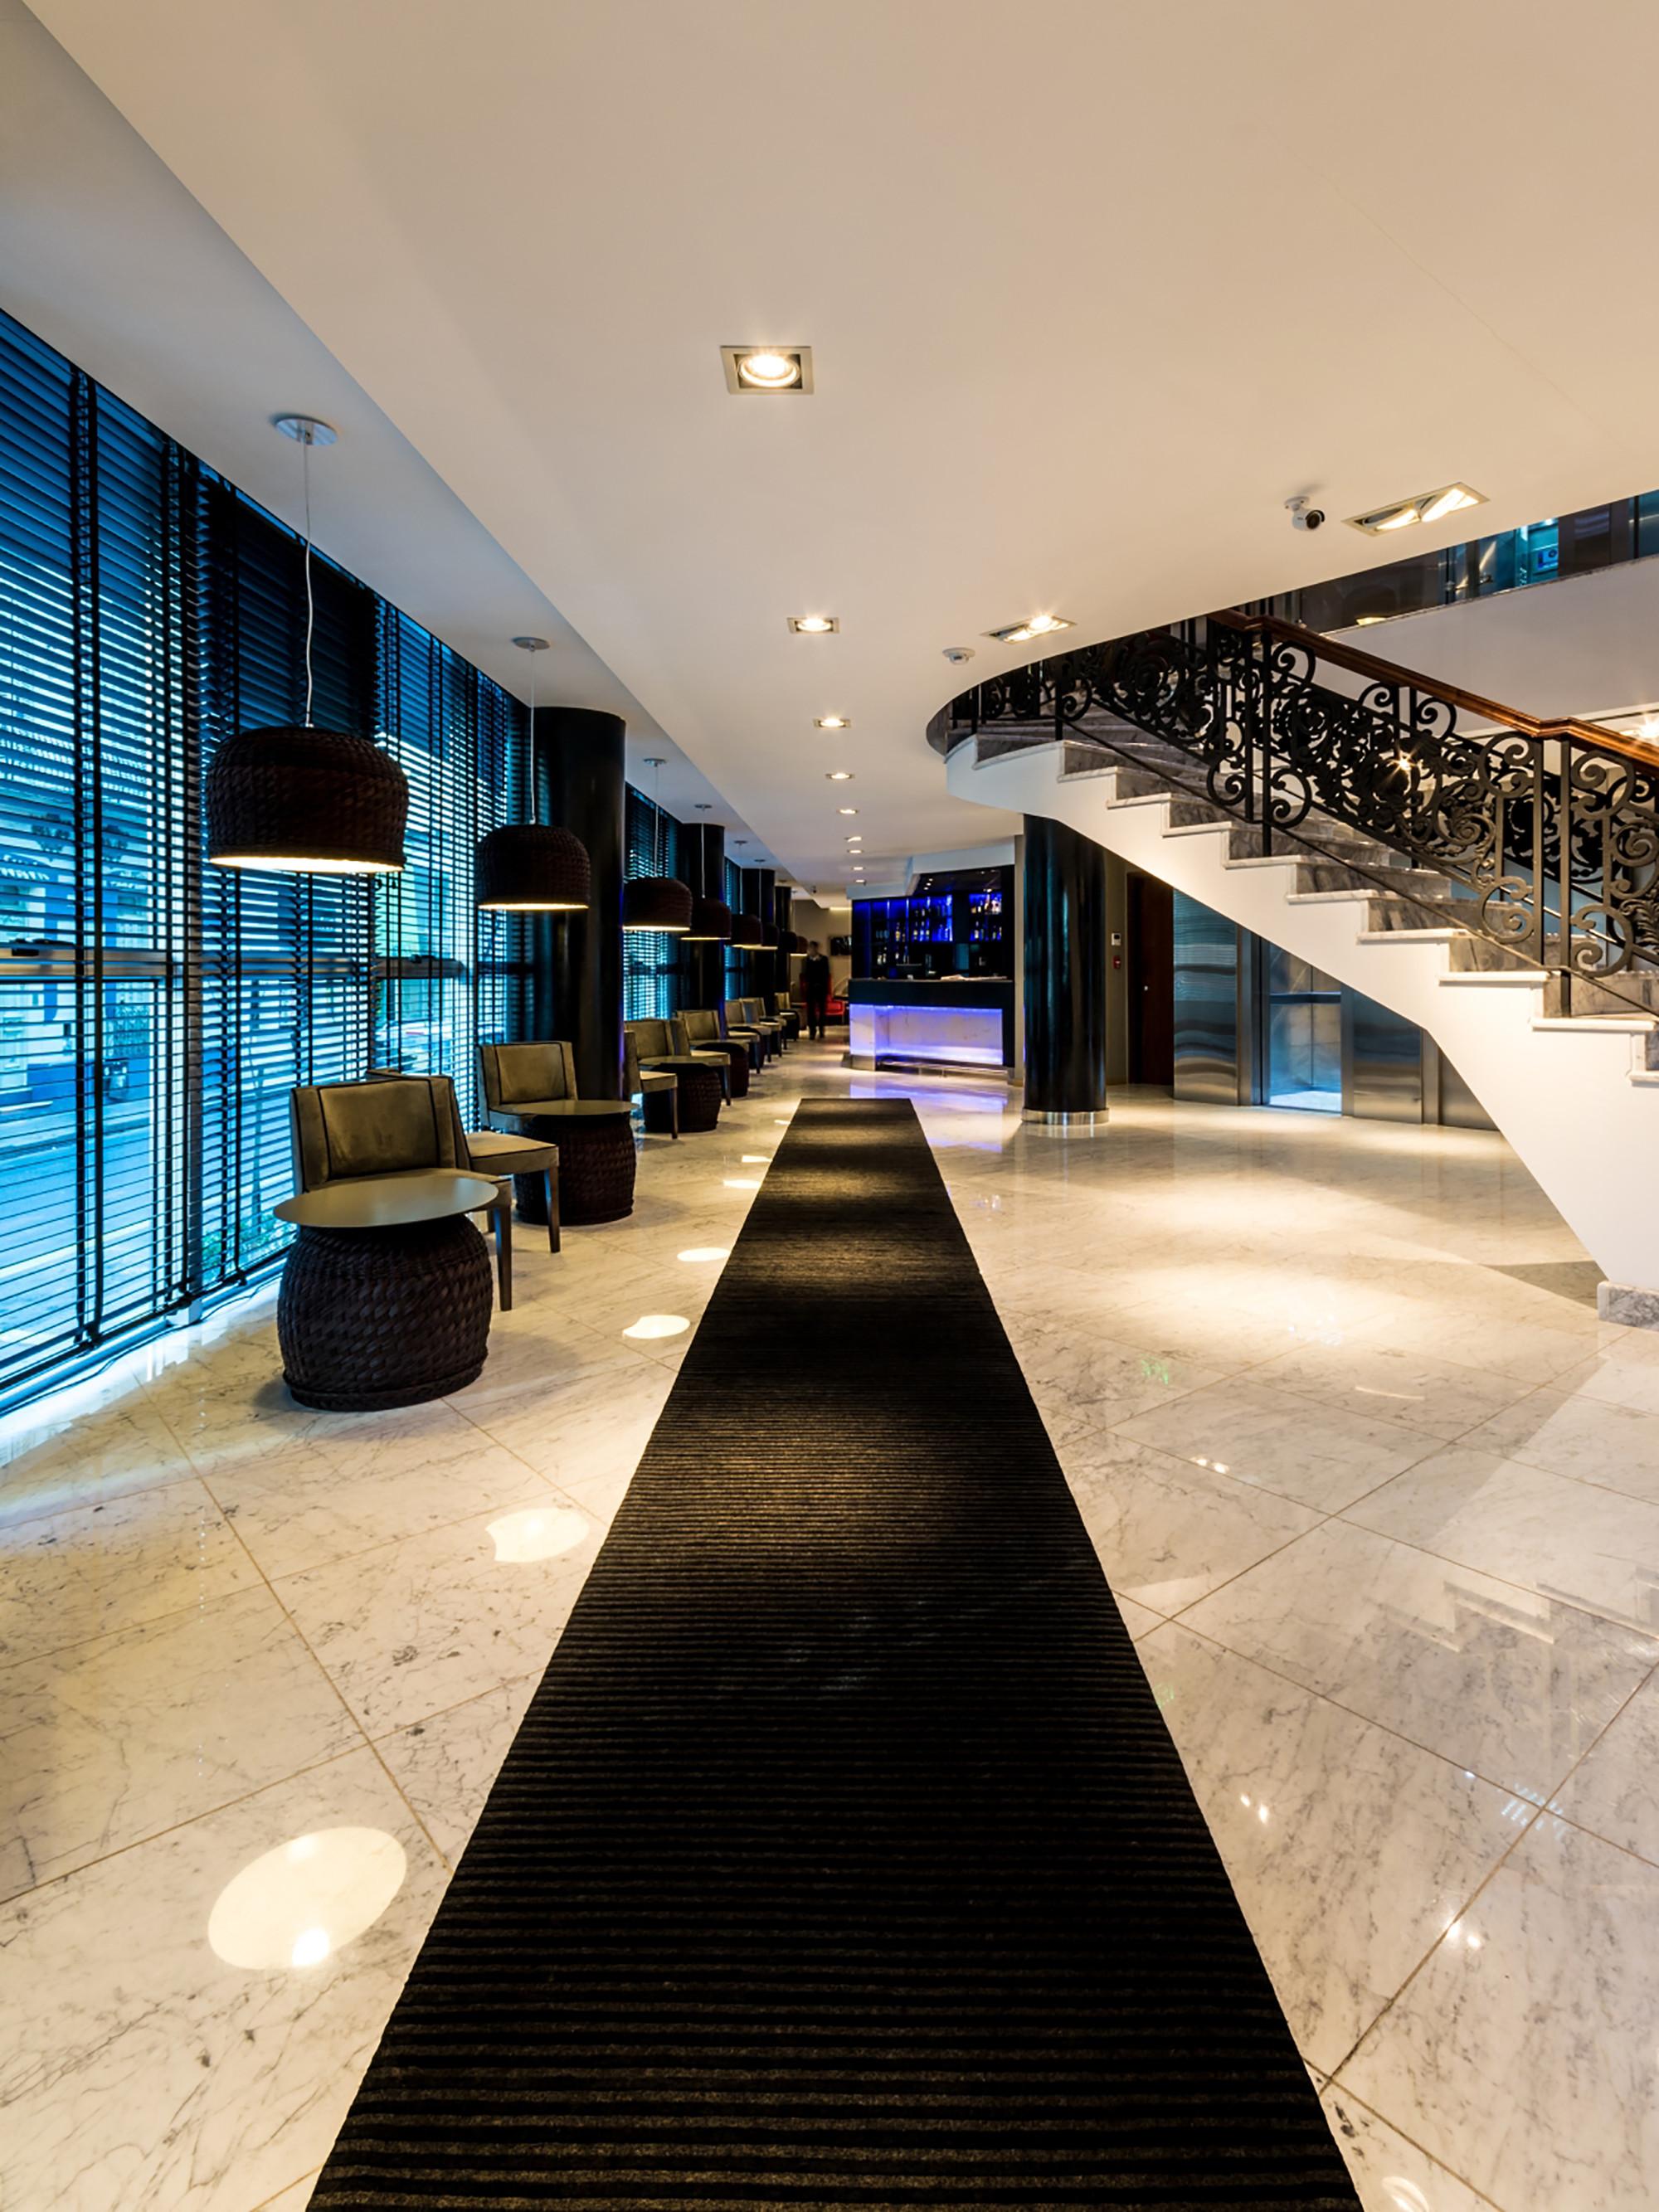 Galer a de hotel y111 estudio fwap arquitectos estudio - Estudio 3 arquitectos ...